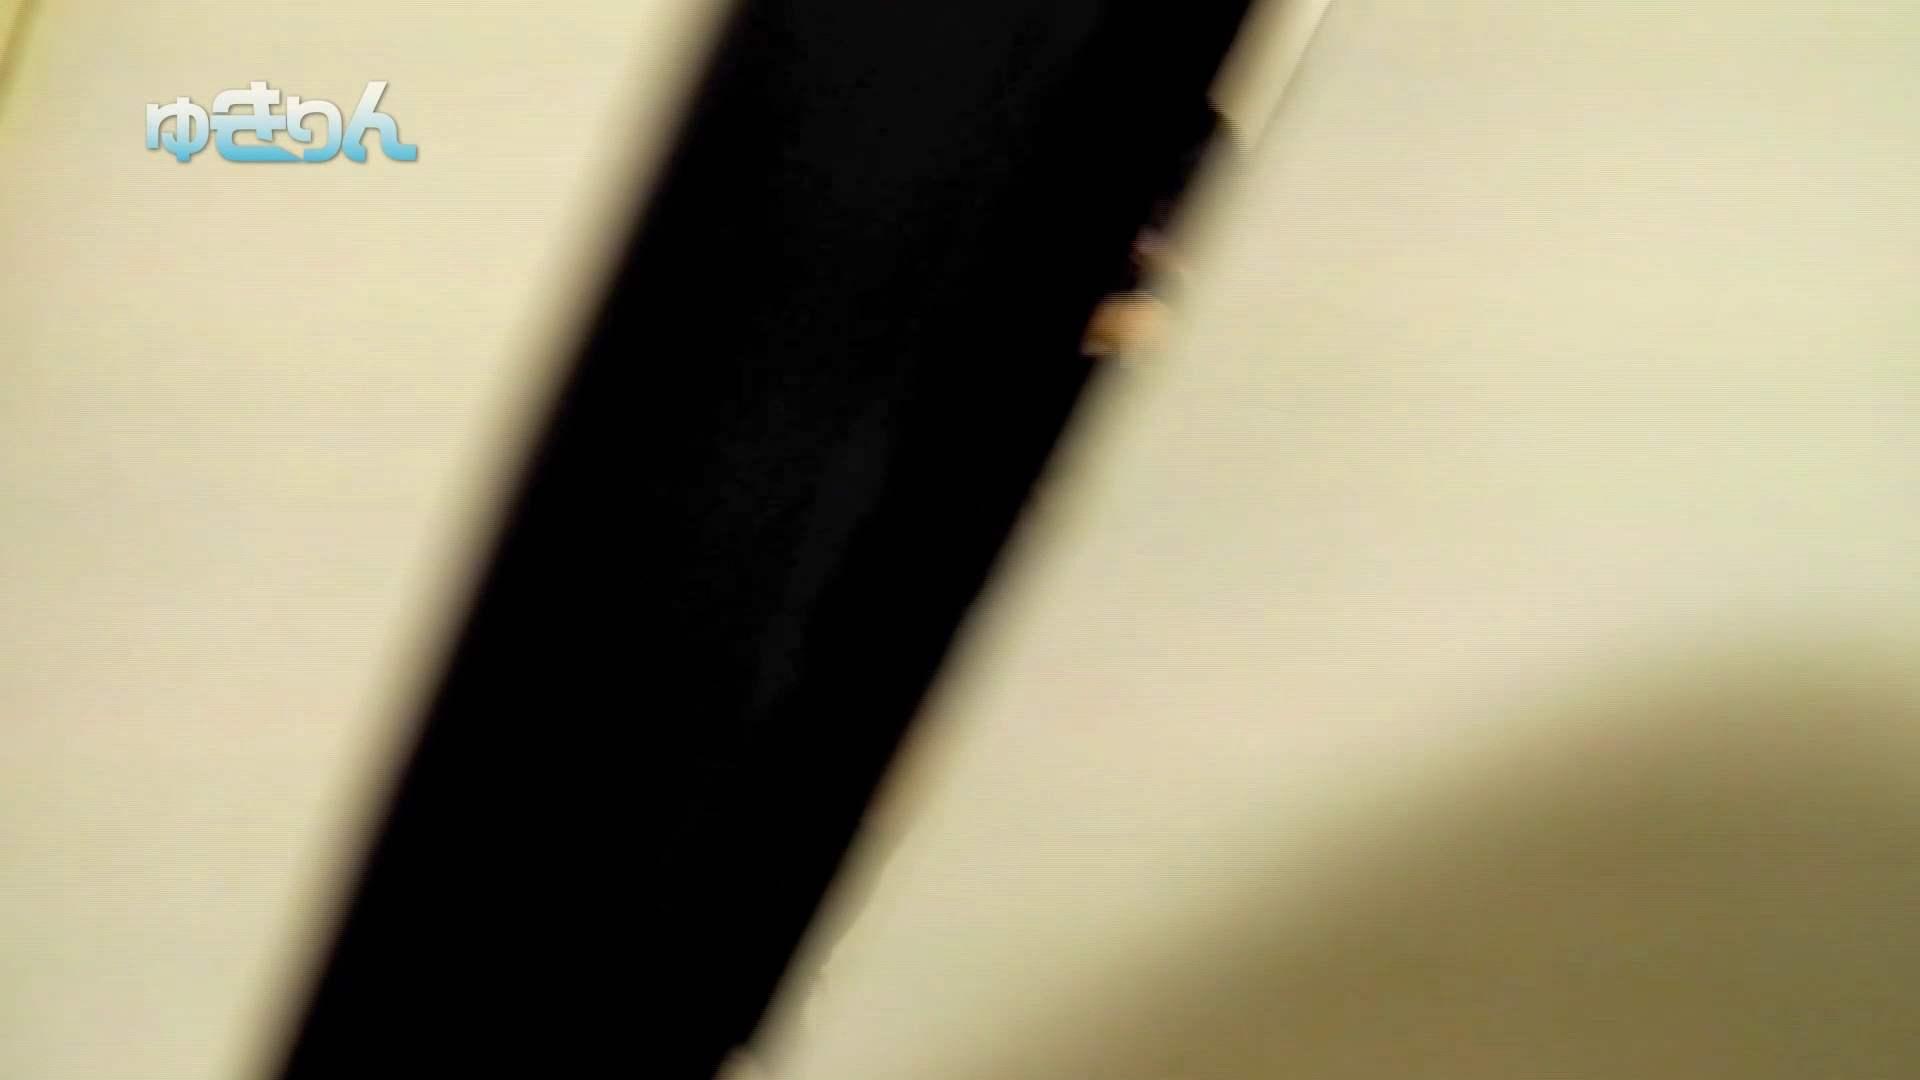 ステーション編 vol54 便秘のせいで長蛇の列、じっくり撮らせて頂きました 高画質 すけべAV動画紹介 77枚 77